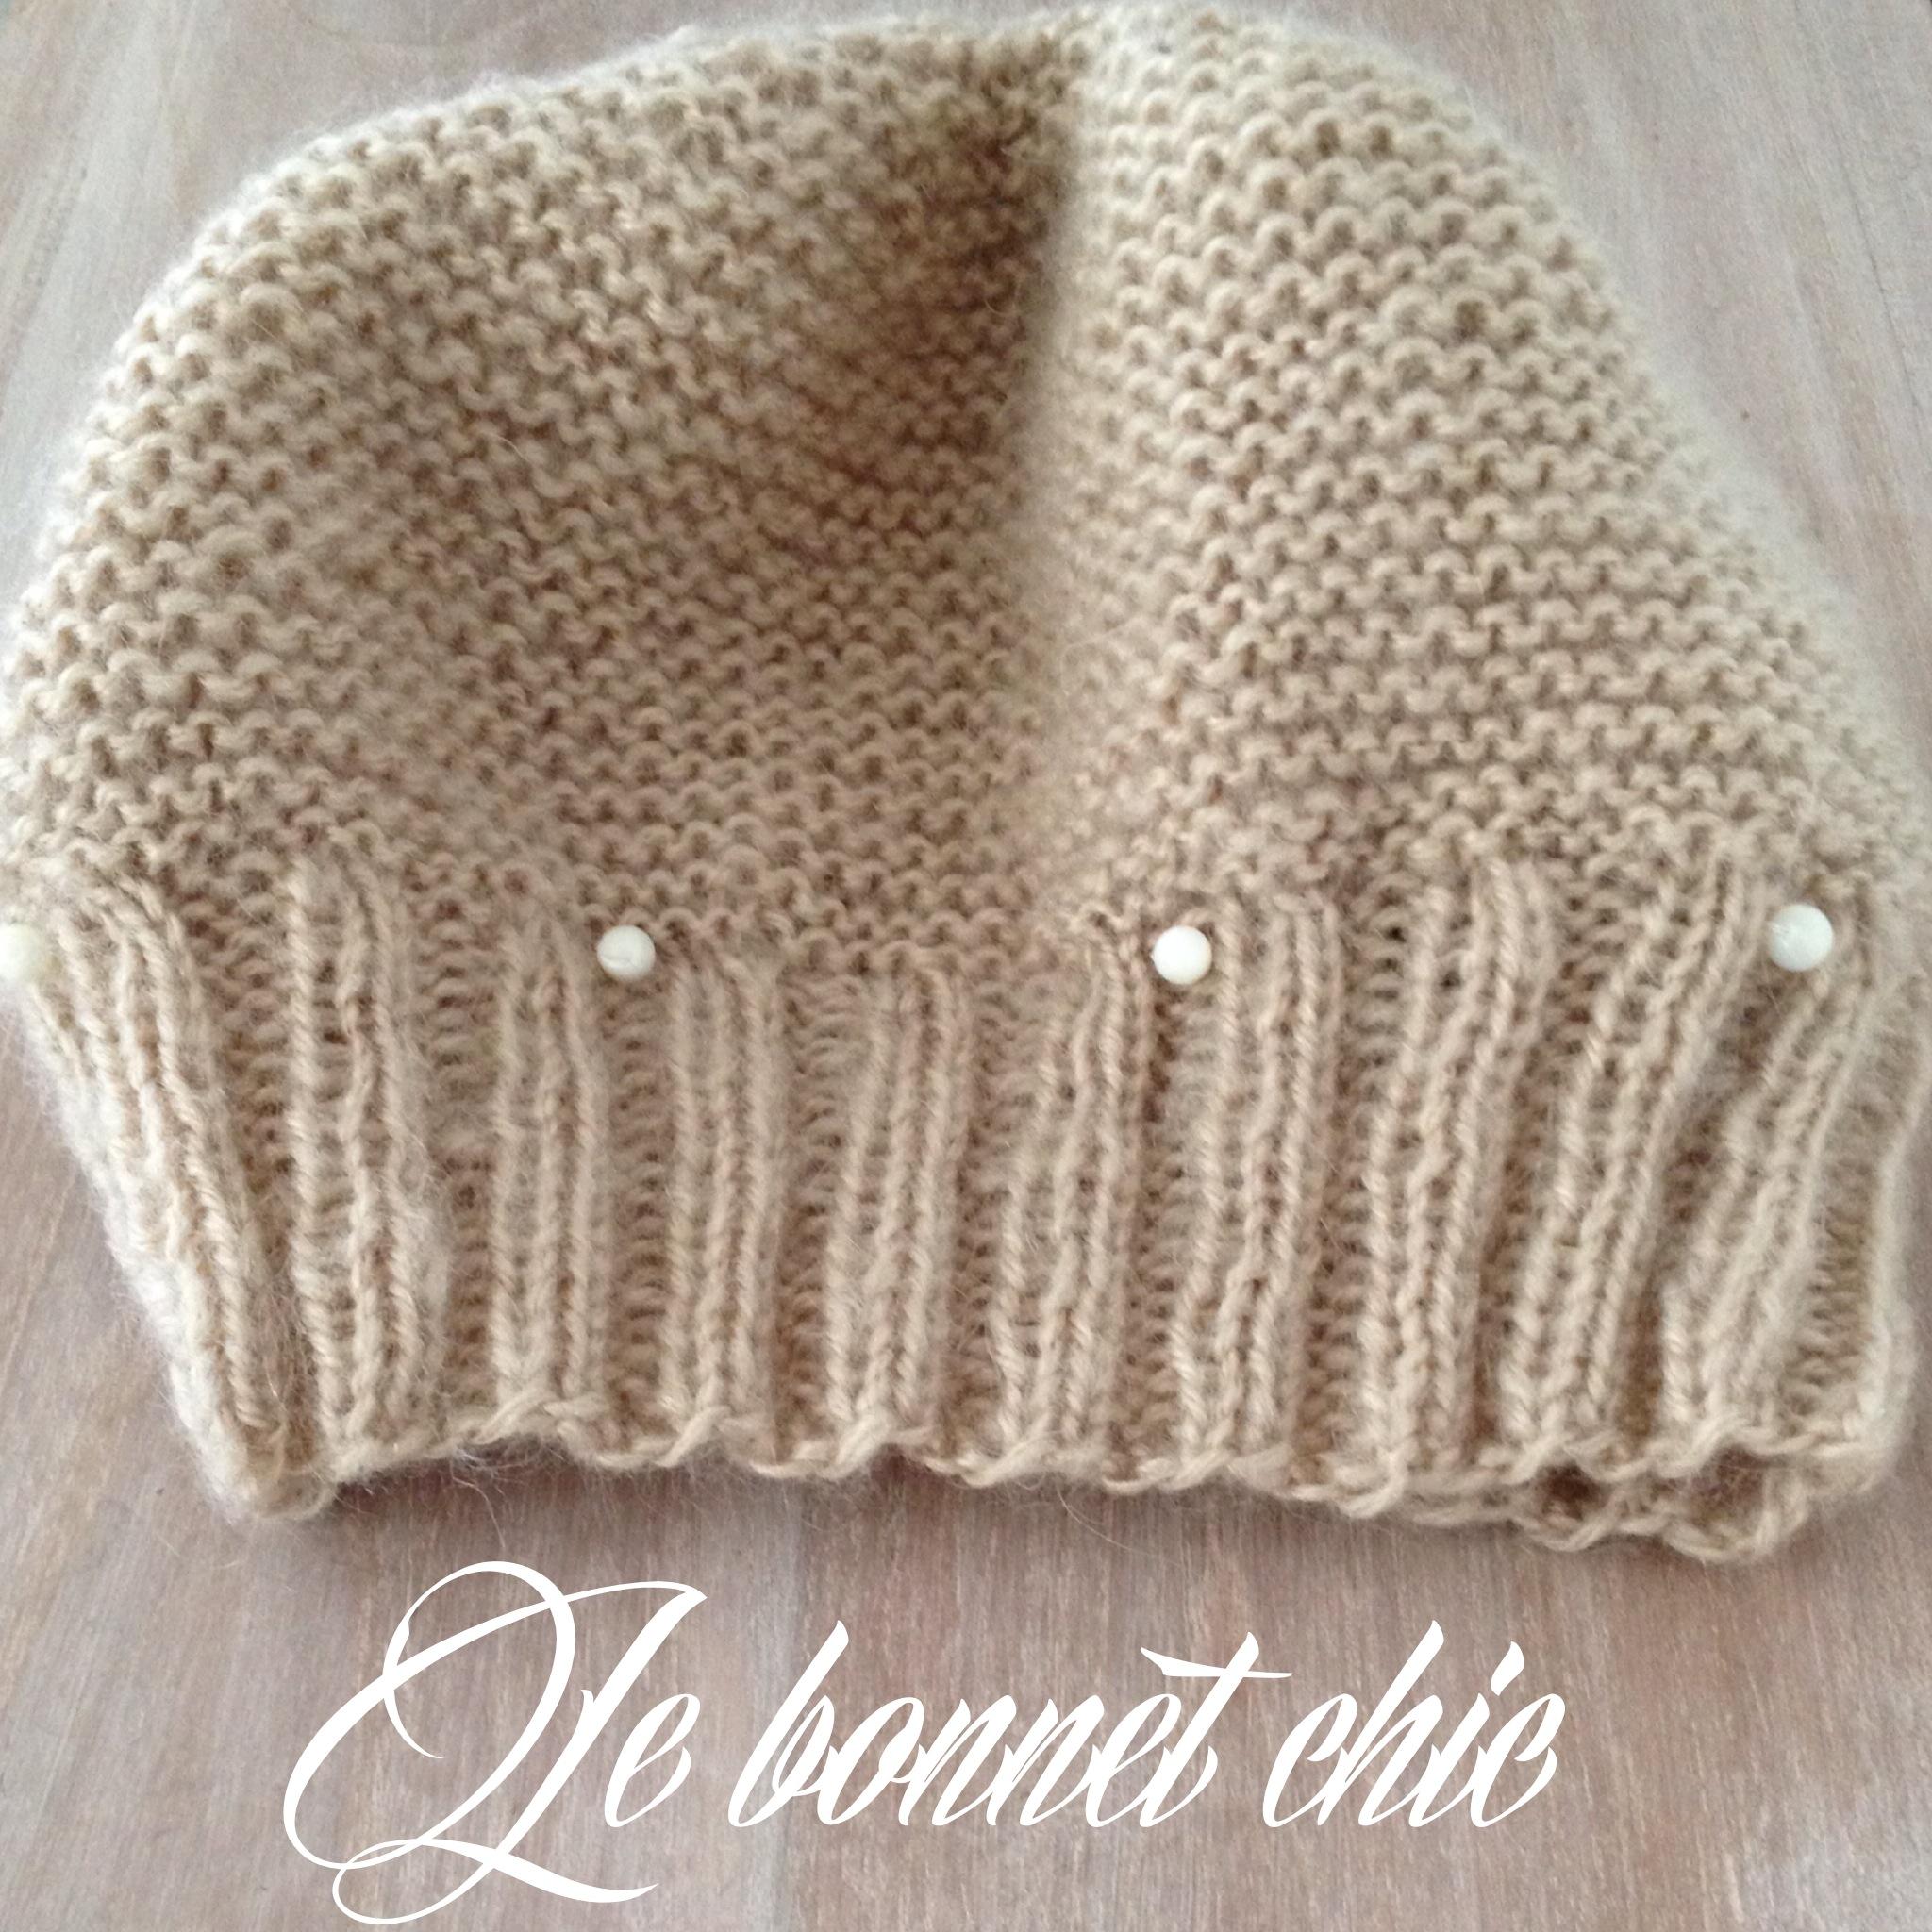 Bonnet chic